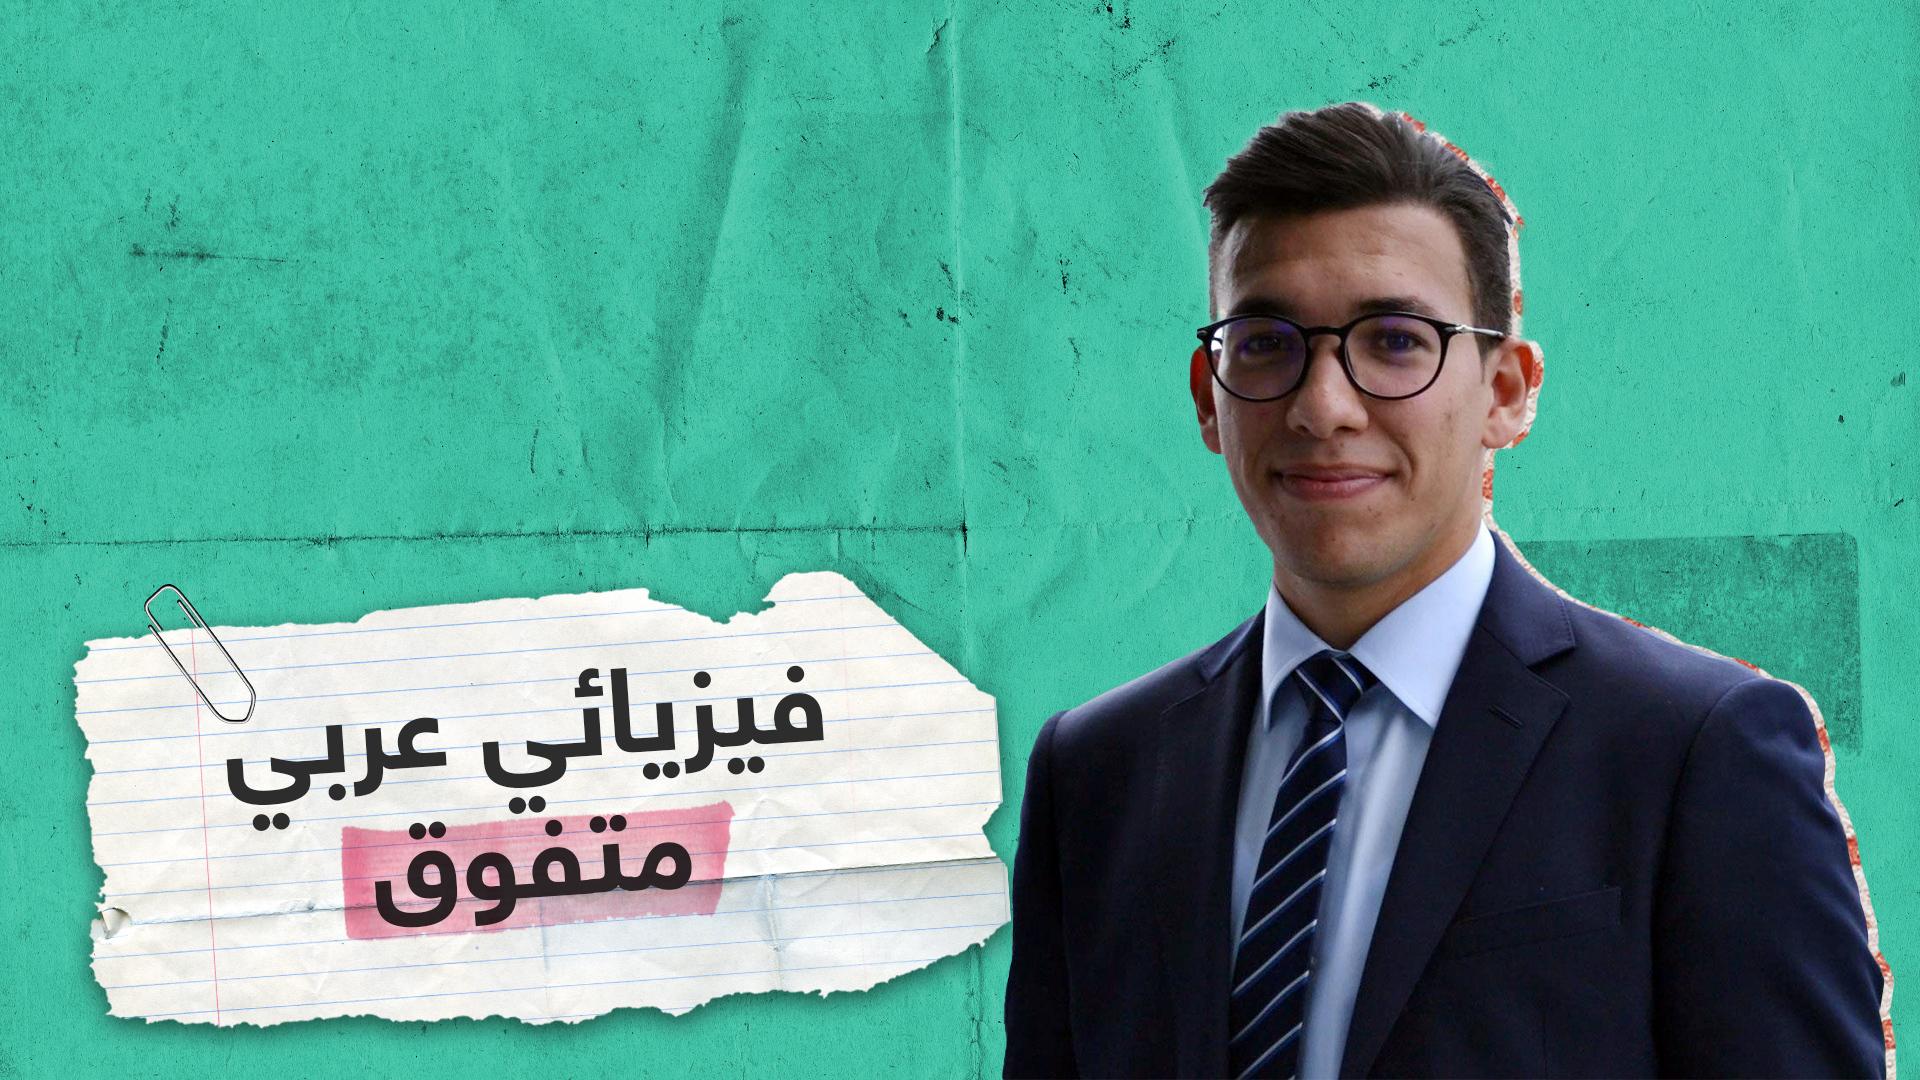 تونسي يحل معادلة فيزيائية عجز العلماء عن حلها